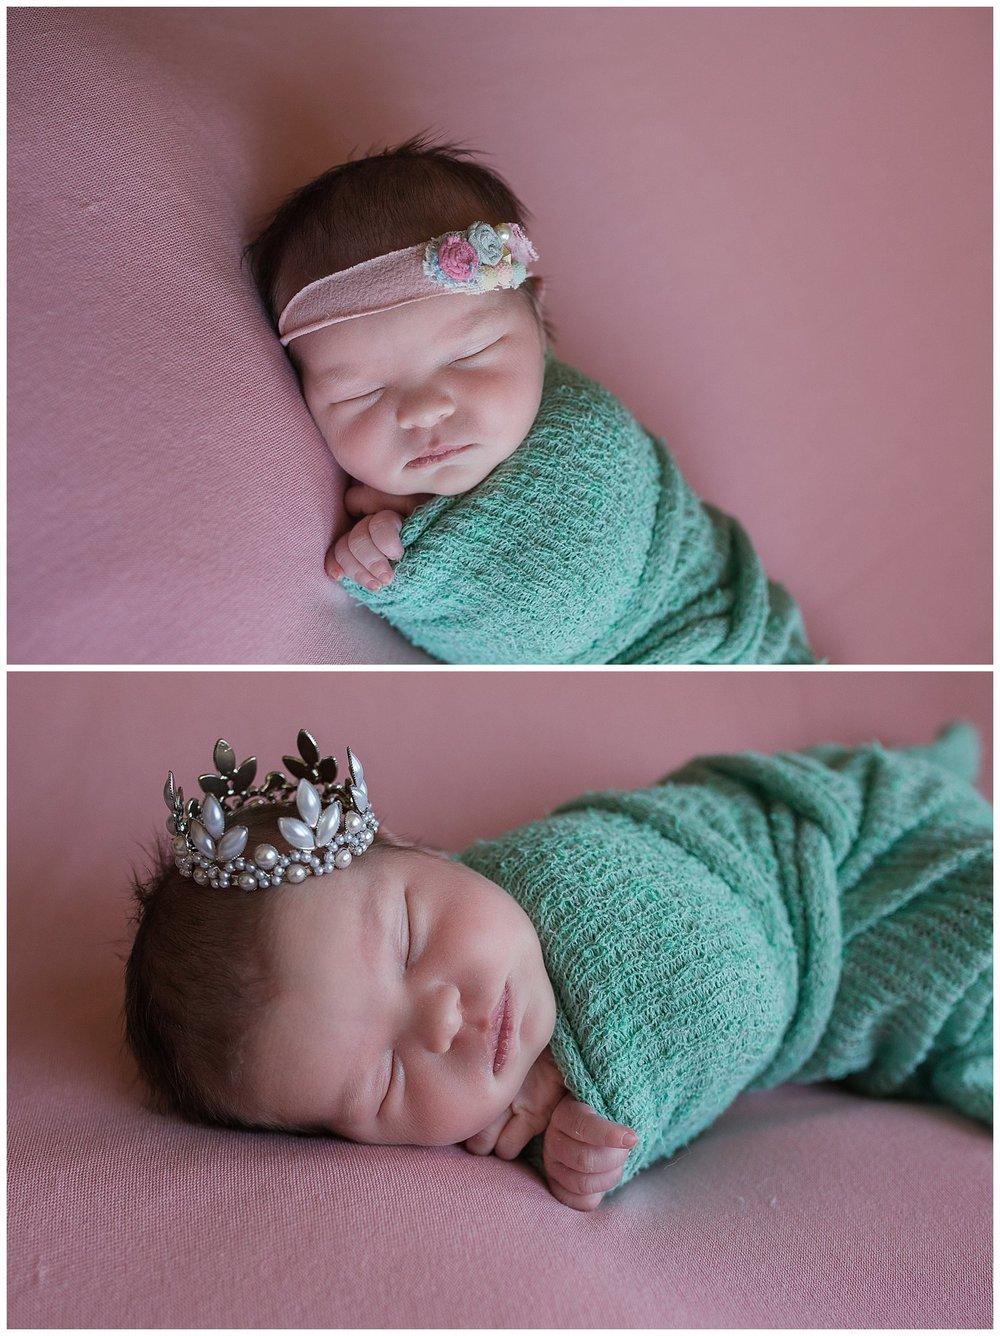 newbornbabygirlincrownrenonevadakristigayton.jpg